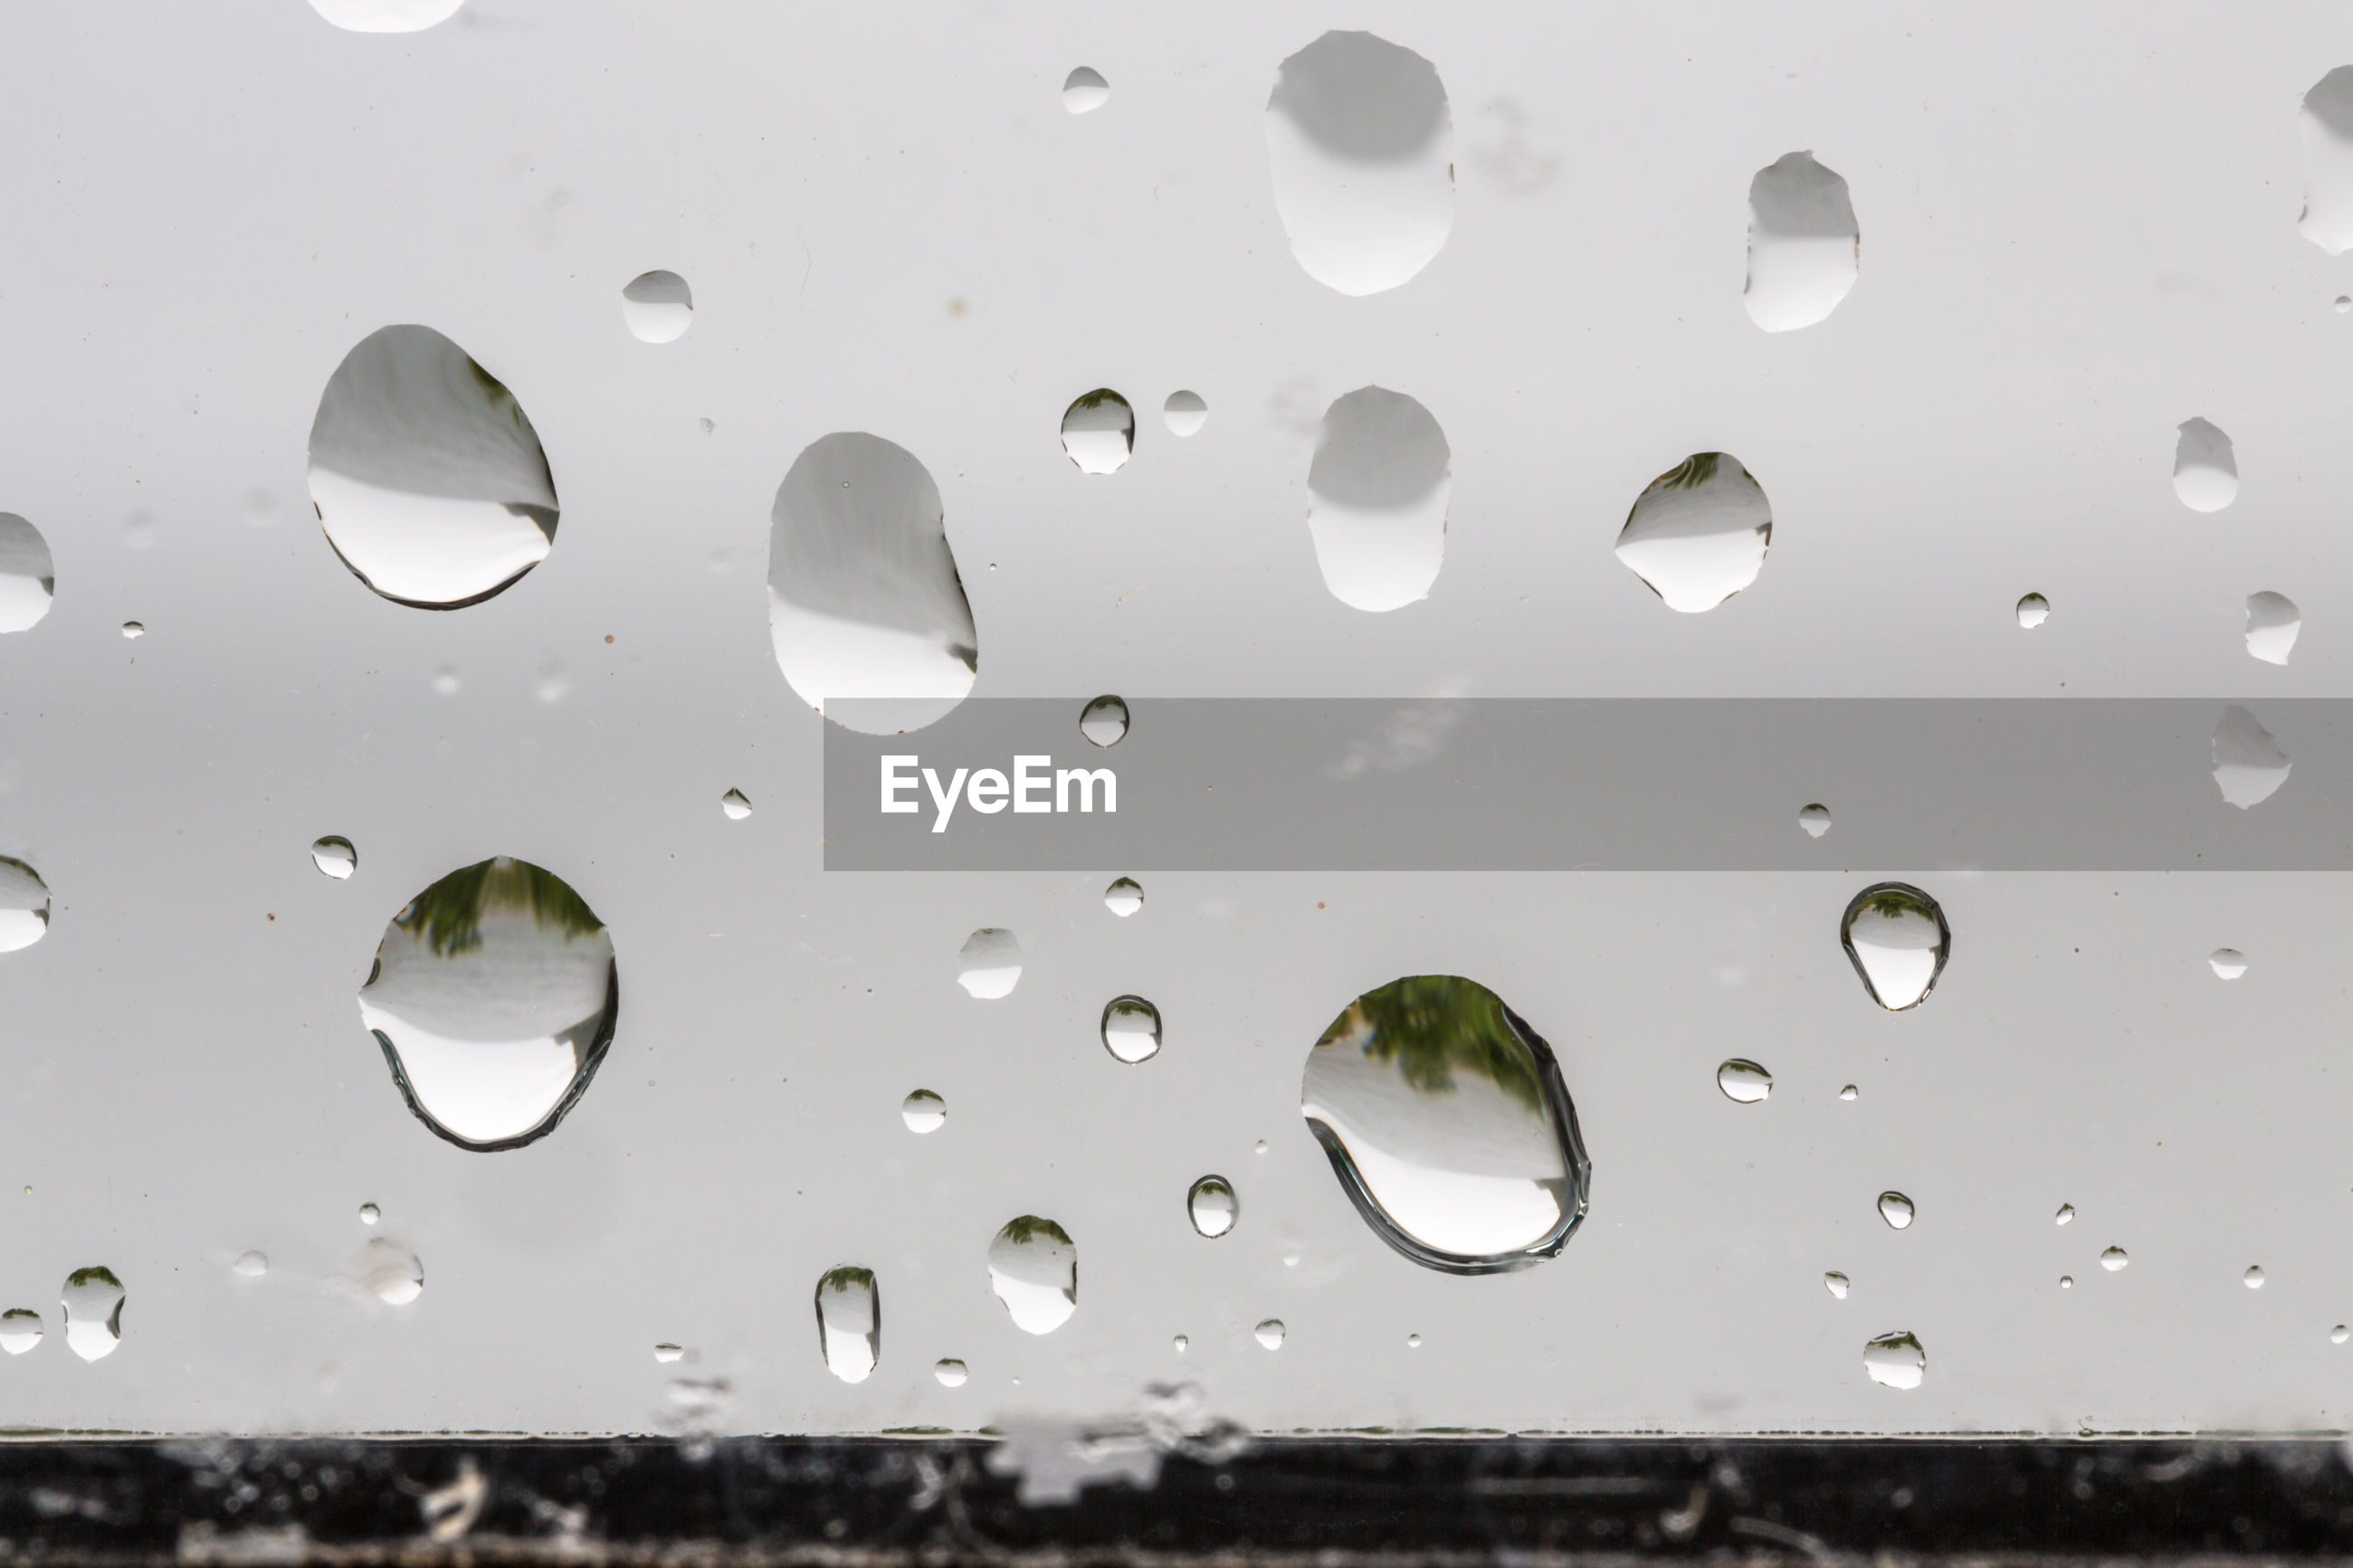 Extreme close-up of raindrops on window during rainy season